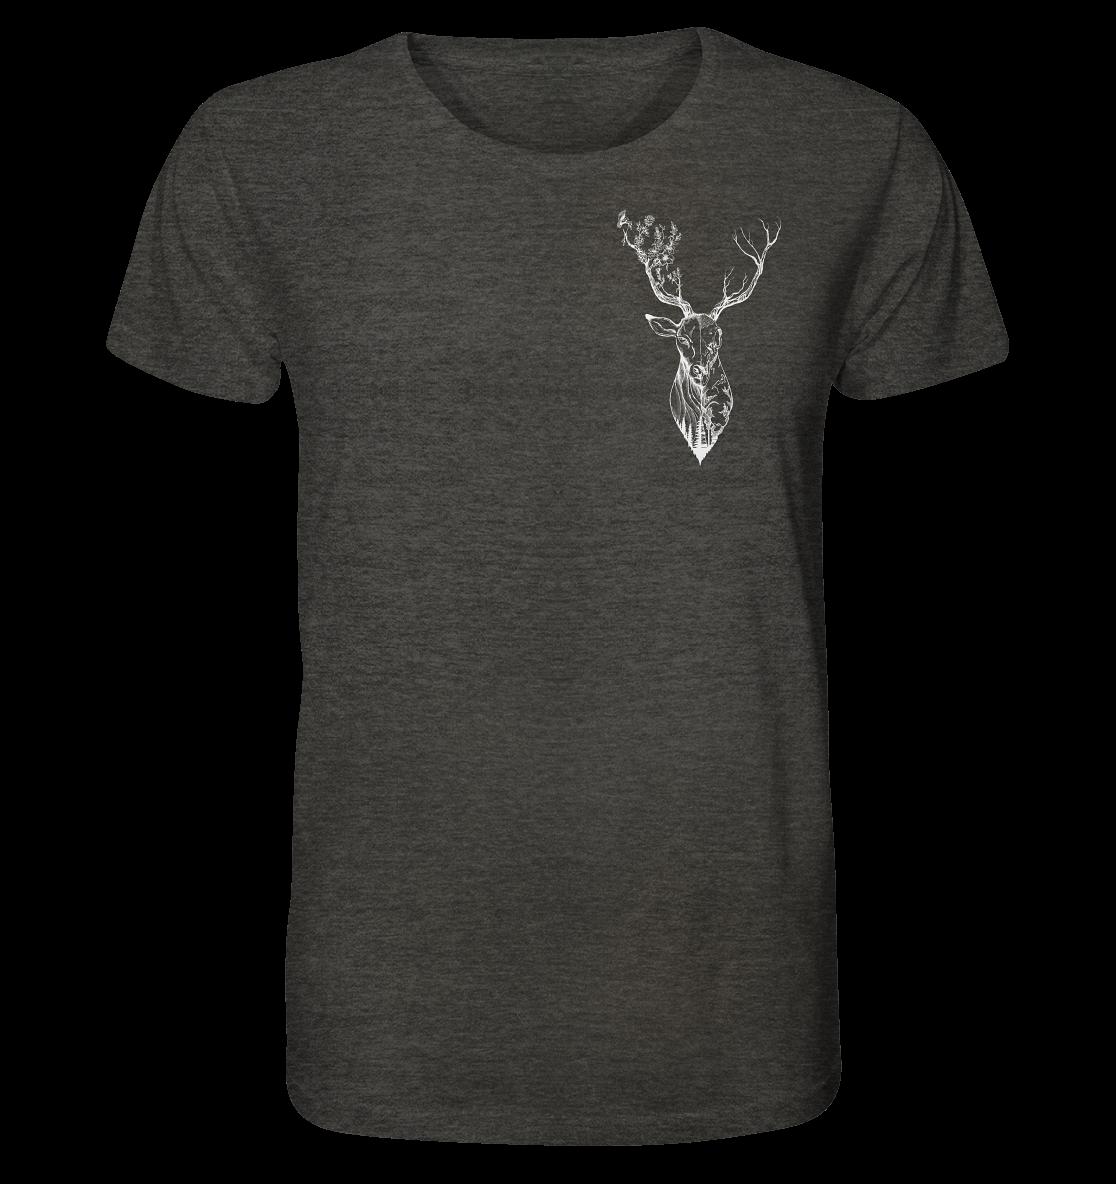 front-organic-shirt-meliert-252625-1116x-6.png